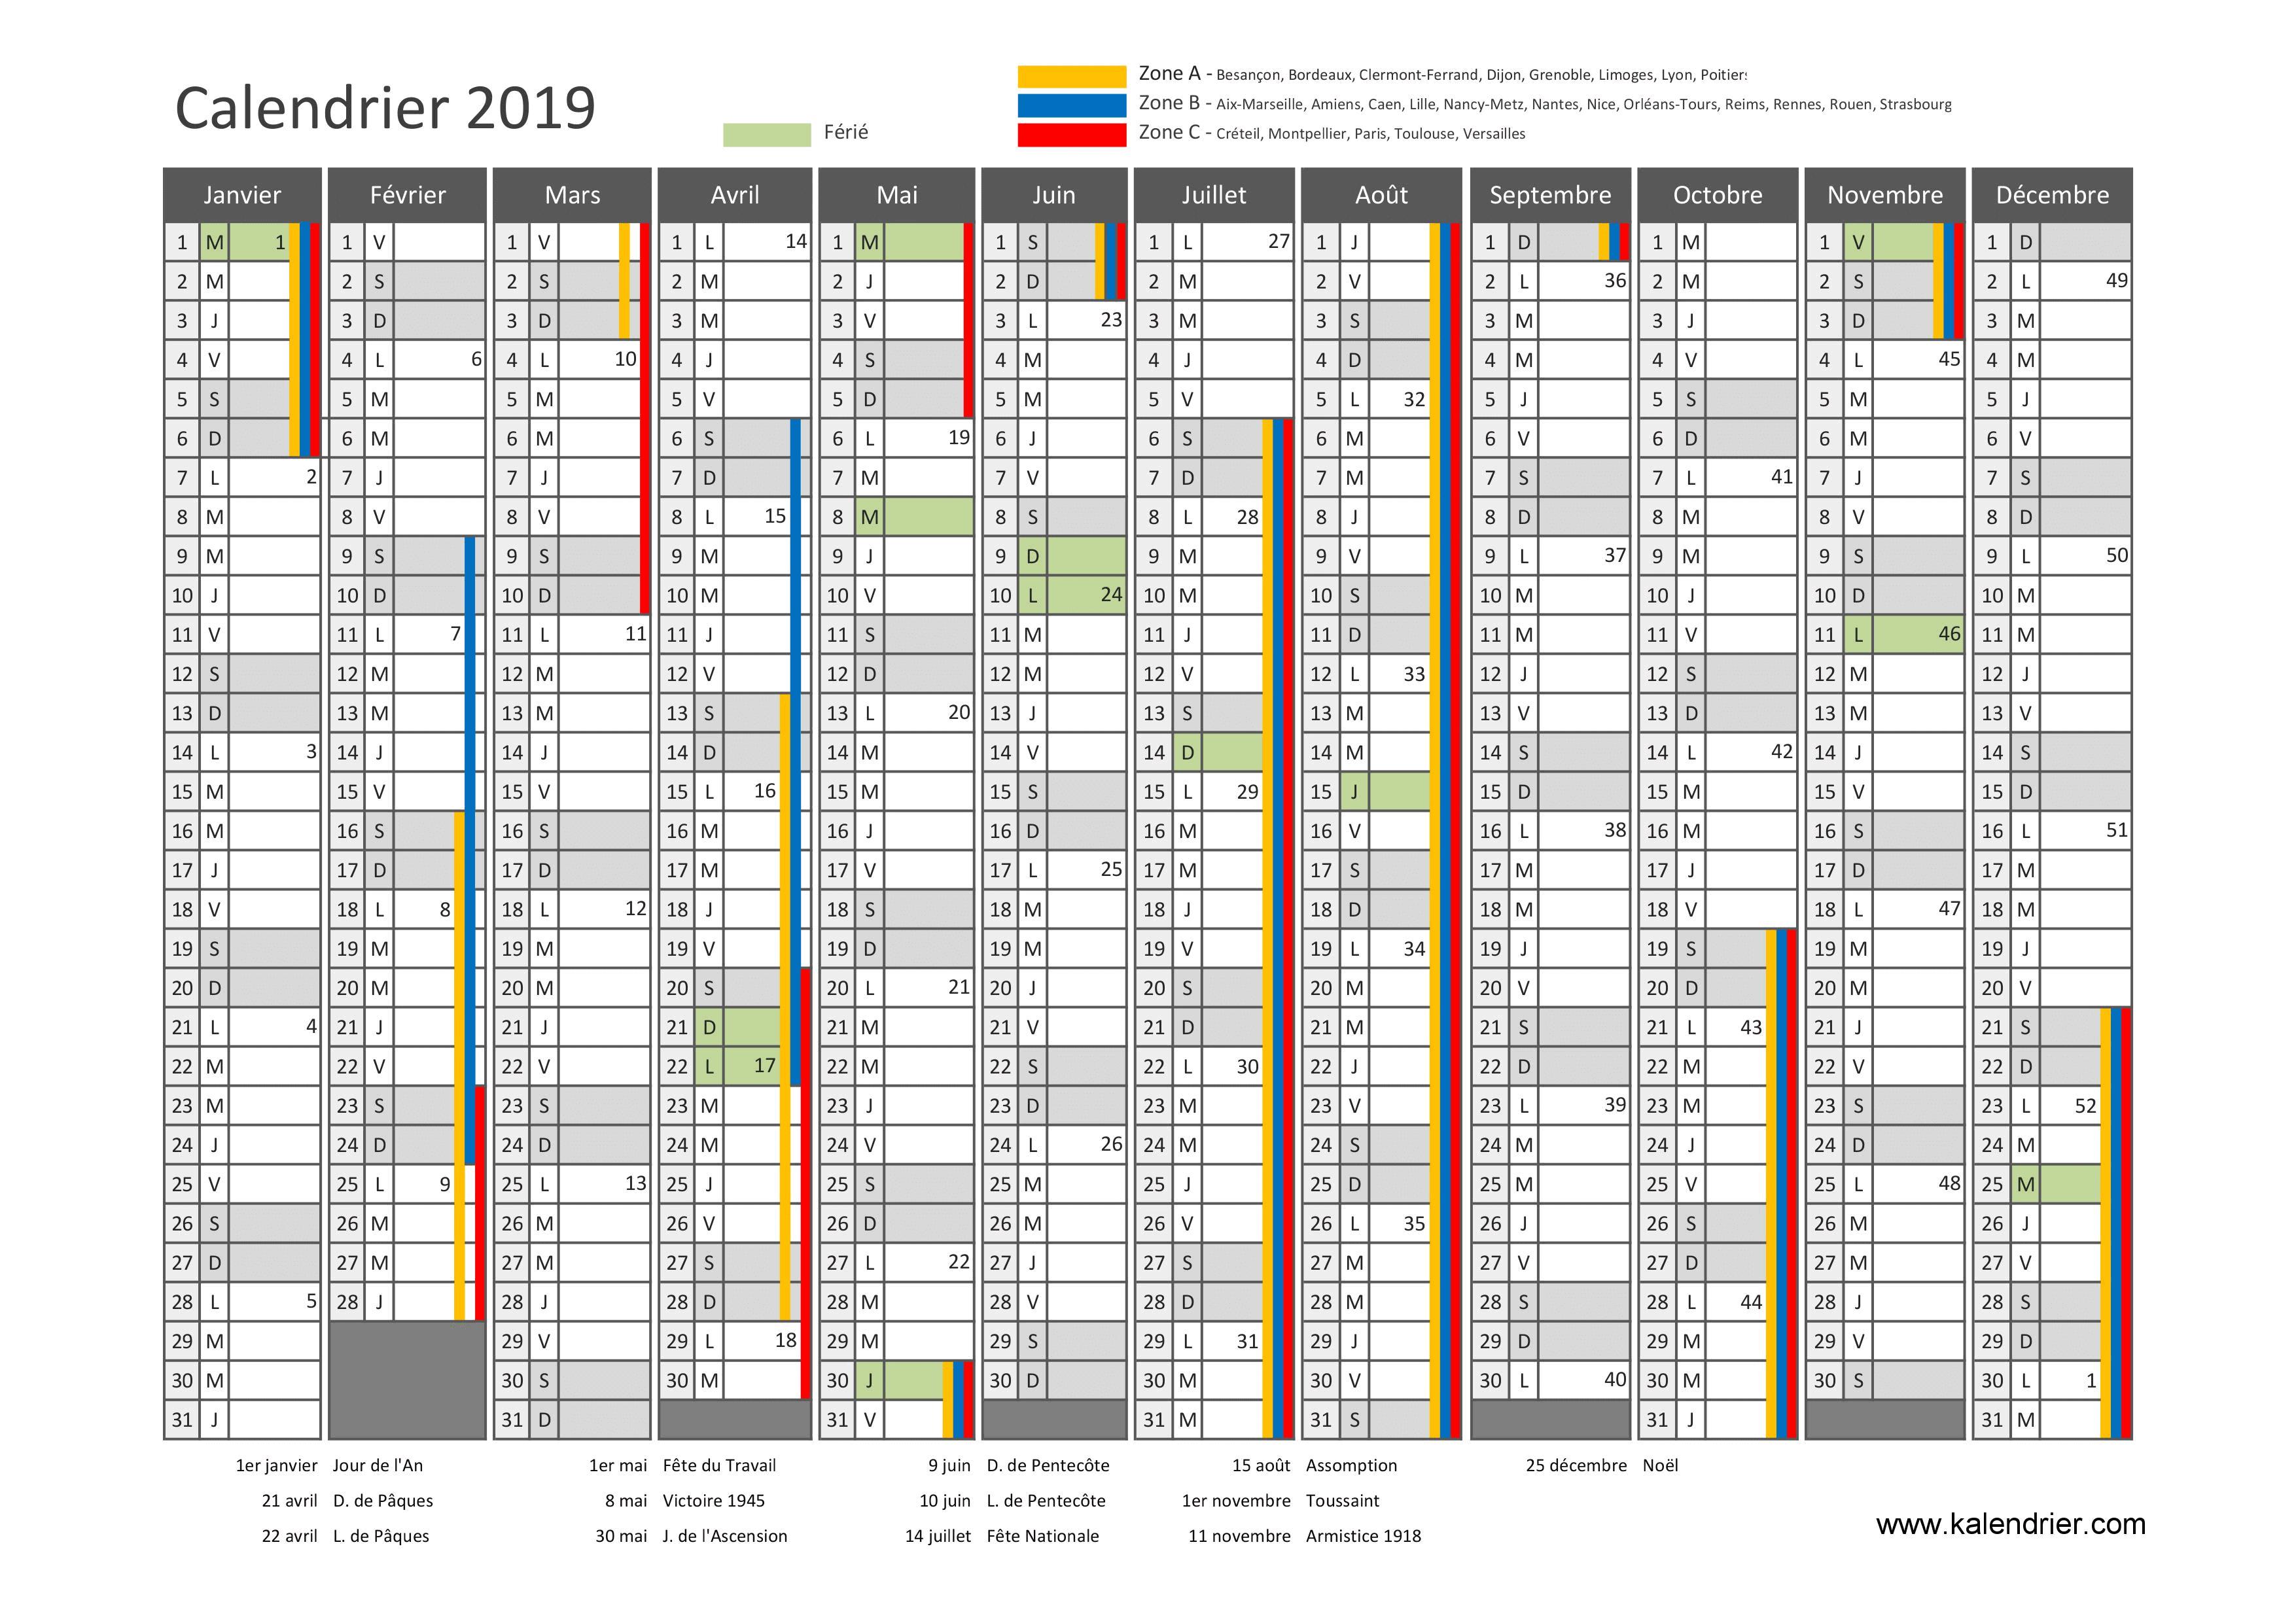 Calendrier Des Vacances Scolaires 2020 2019.Calendrier 2019 A Imprimer Jours Feries Vacances